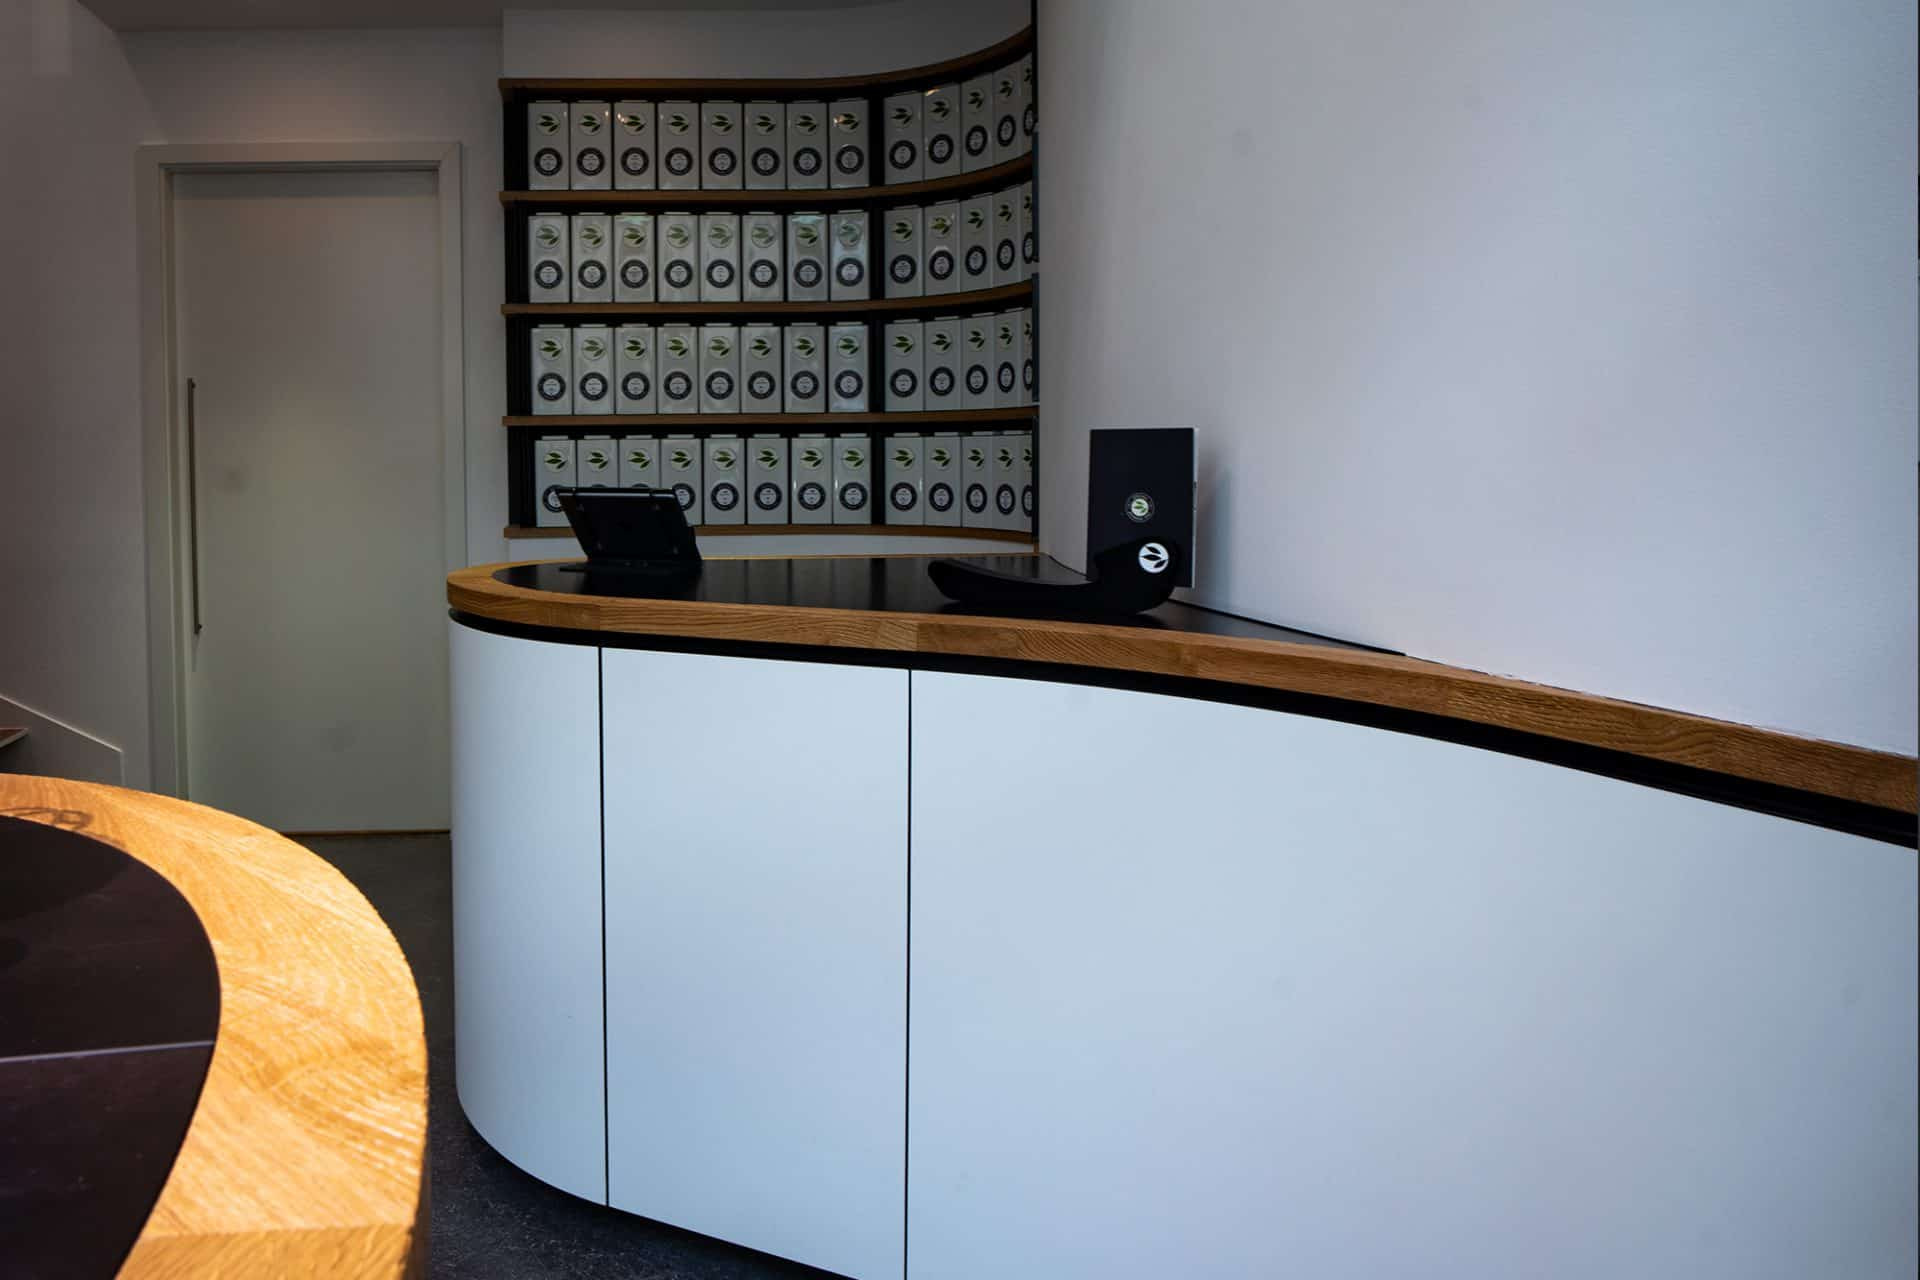 perfektes organisches und funktionales Tee Store Konzept Retail-Design Produkt-Design Corporate-Design von Lange Architekten im weißen alveus Bio-Tee Tea-Store mit Akzenten in Eichenholz und Stahl in der HafenCity Hamburg unweit der Elbphilharmonie